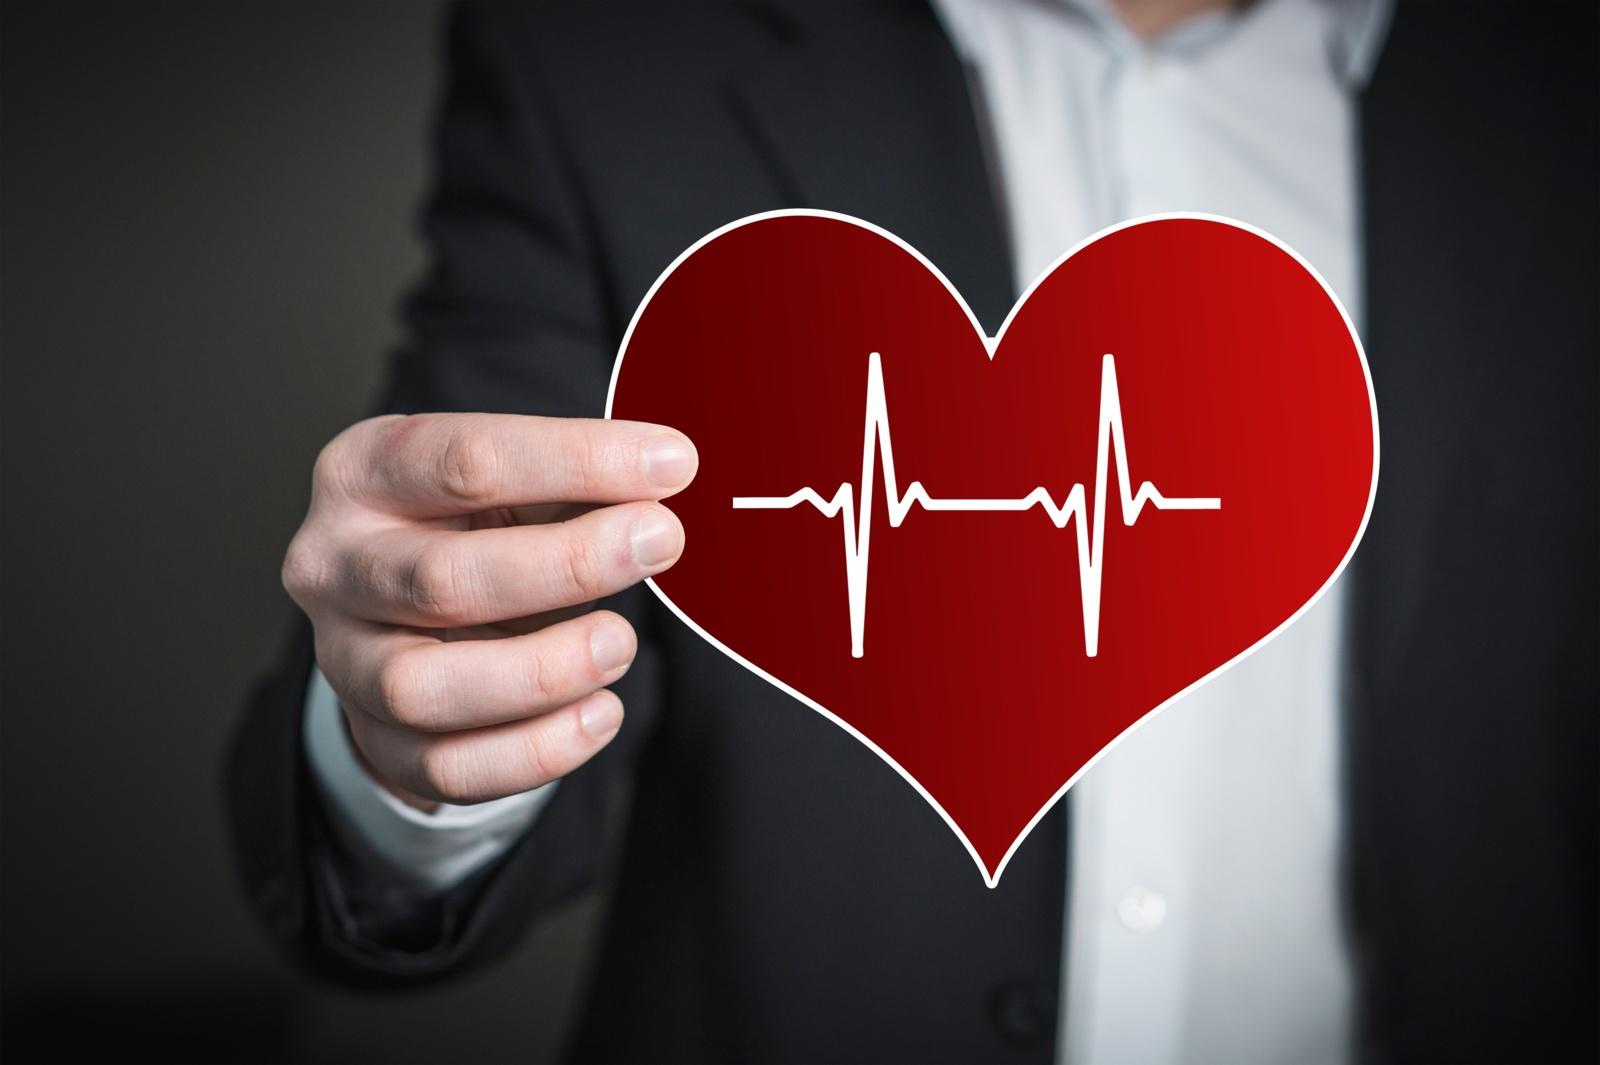 rūkymo faktorius hipertenzijos vystymuisi